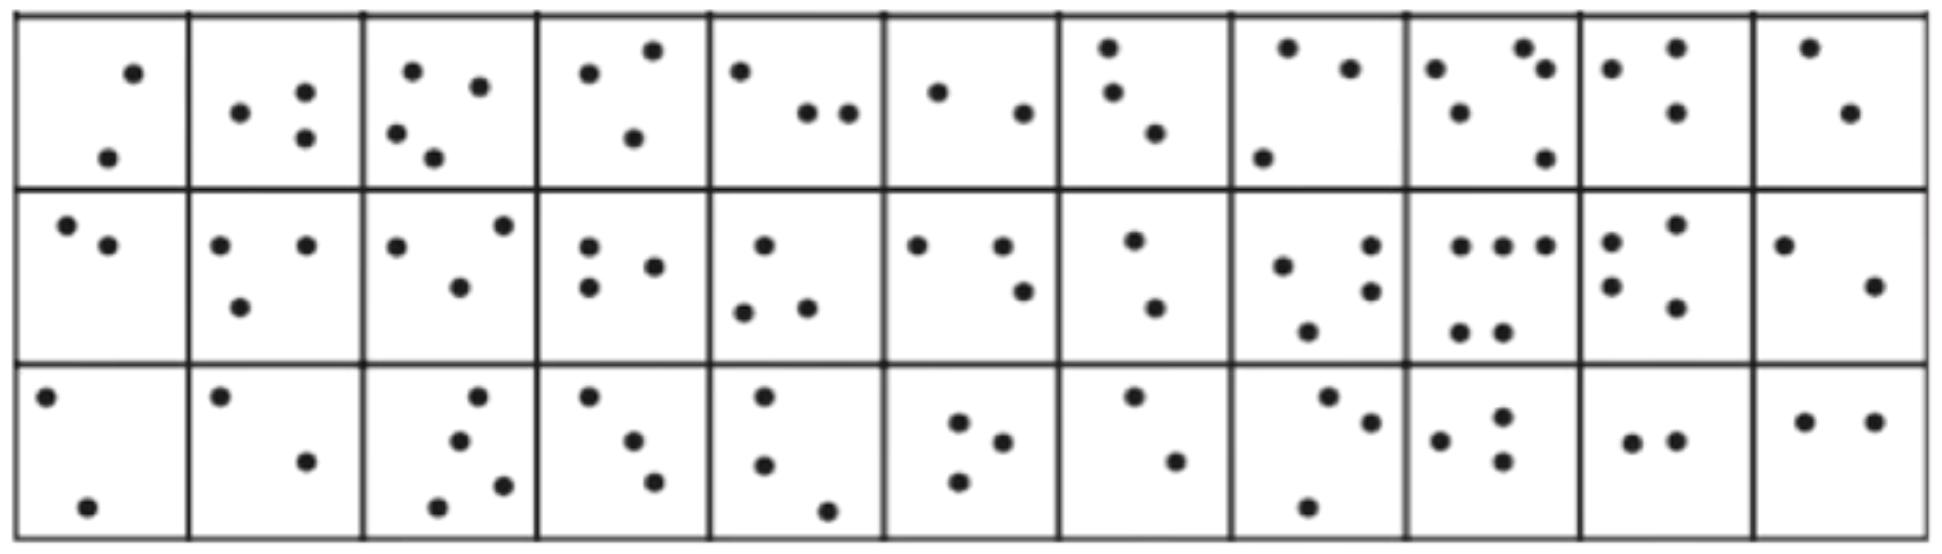 Combien y a t il de carrés qui contiennent 5 points ?